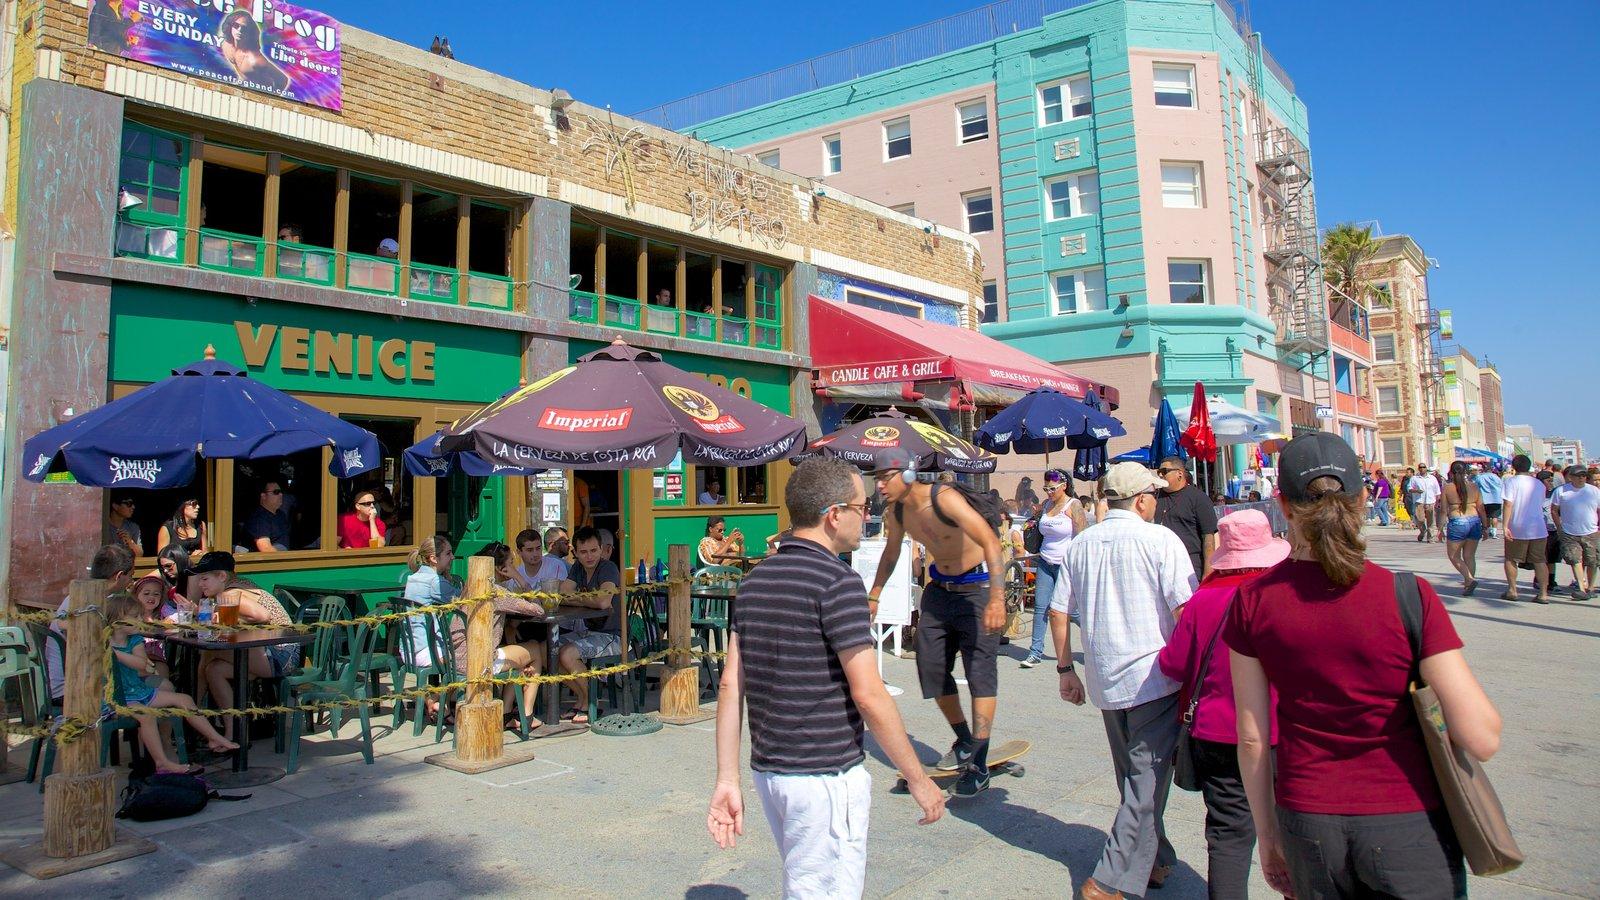 Venice Beach que inclui cenas de rua e jantar ao ar livre assim como um grande grupo de pessoas